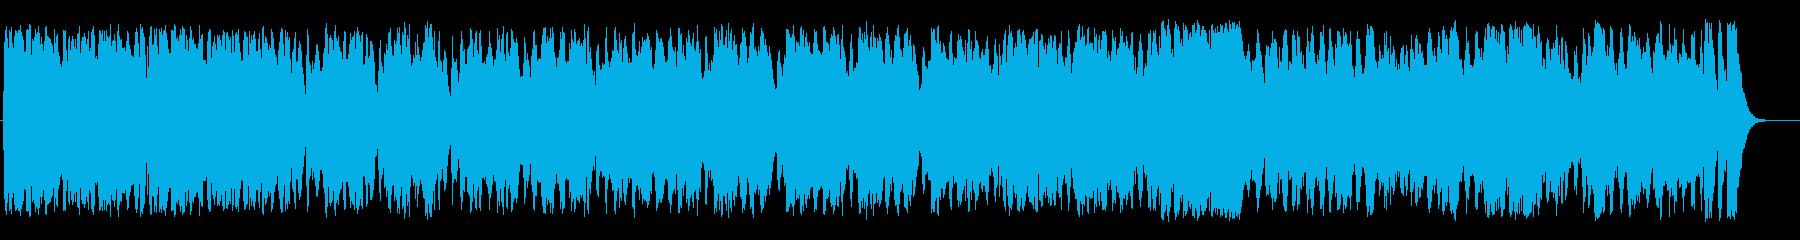 冒険に出たくなるようなワクワクするBGMの再生済みの波形